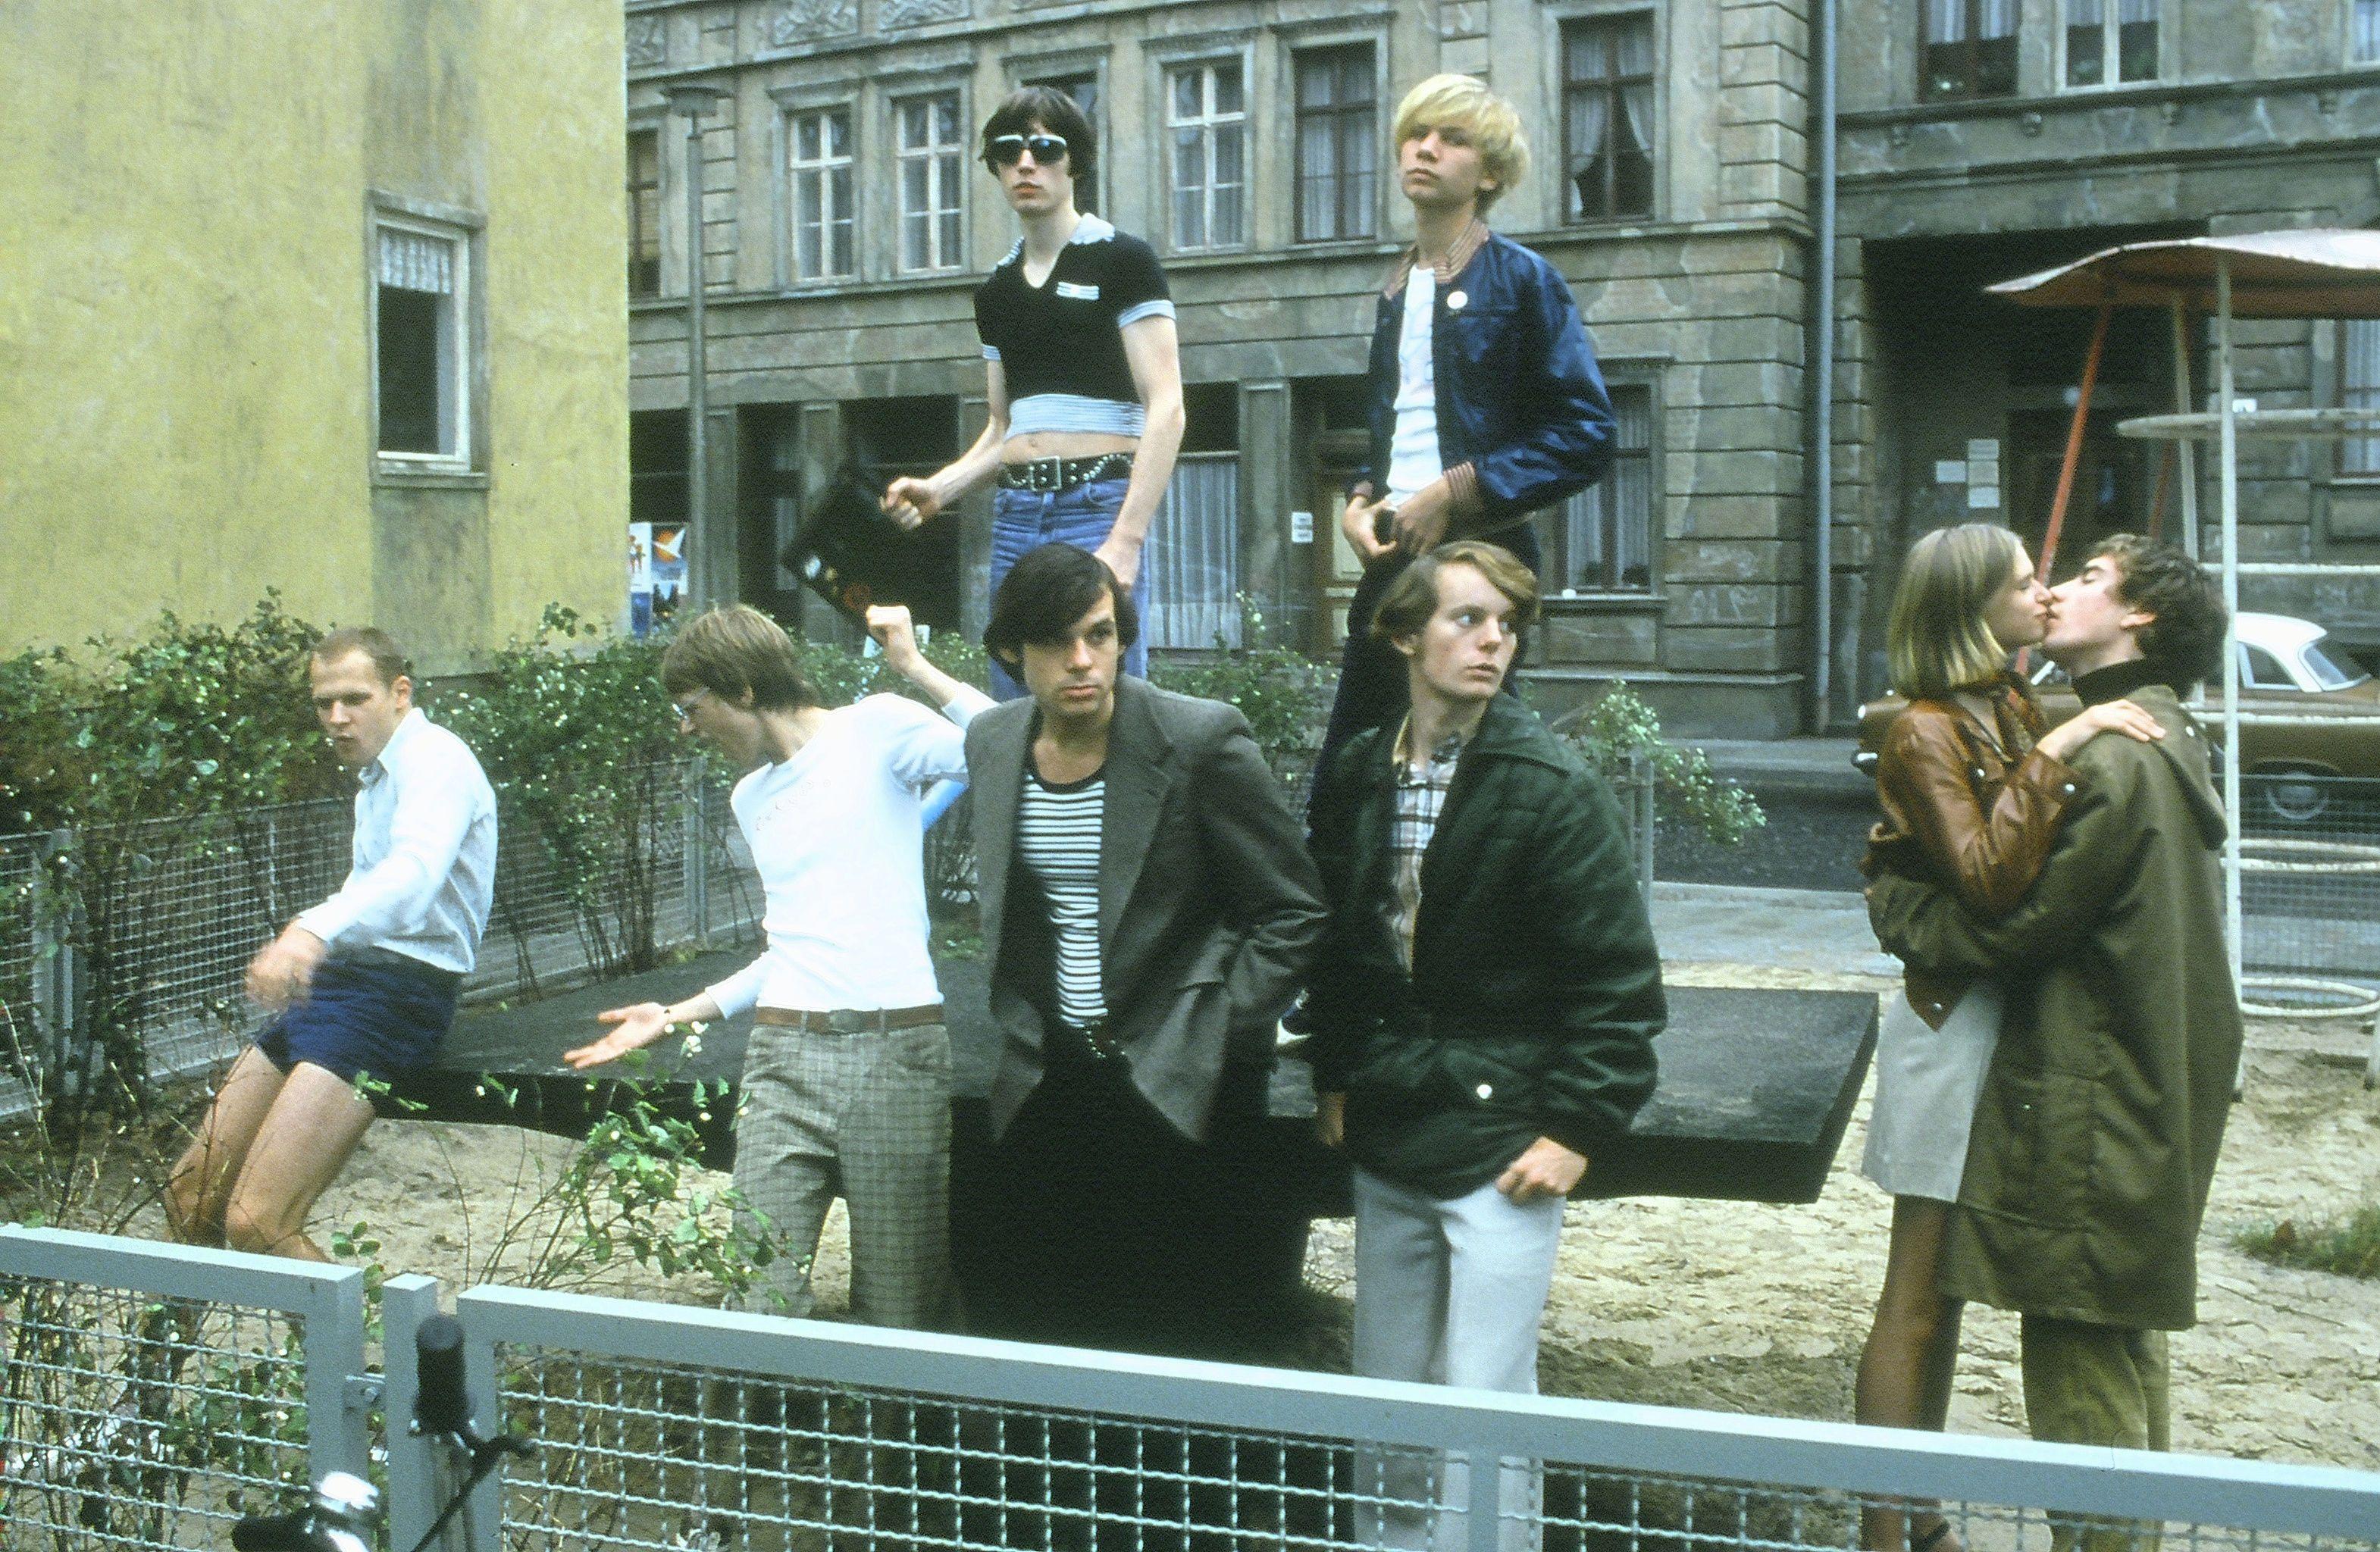 Alexander Beyer, Patrick Güldenberg, Lena Lauzemis, Martin Moeller, David Müller, Alexander Scheer, and Robert Stadlober in Sonnenallee (1999)